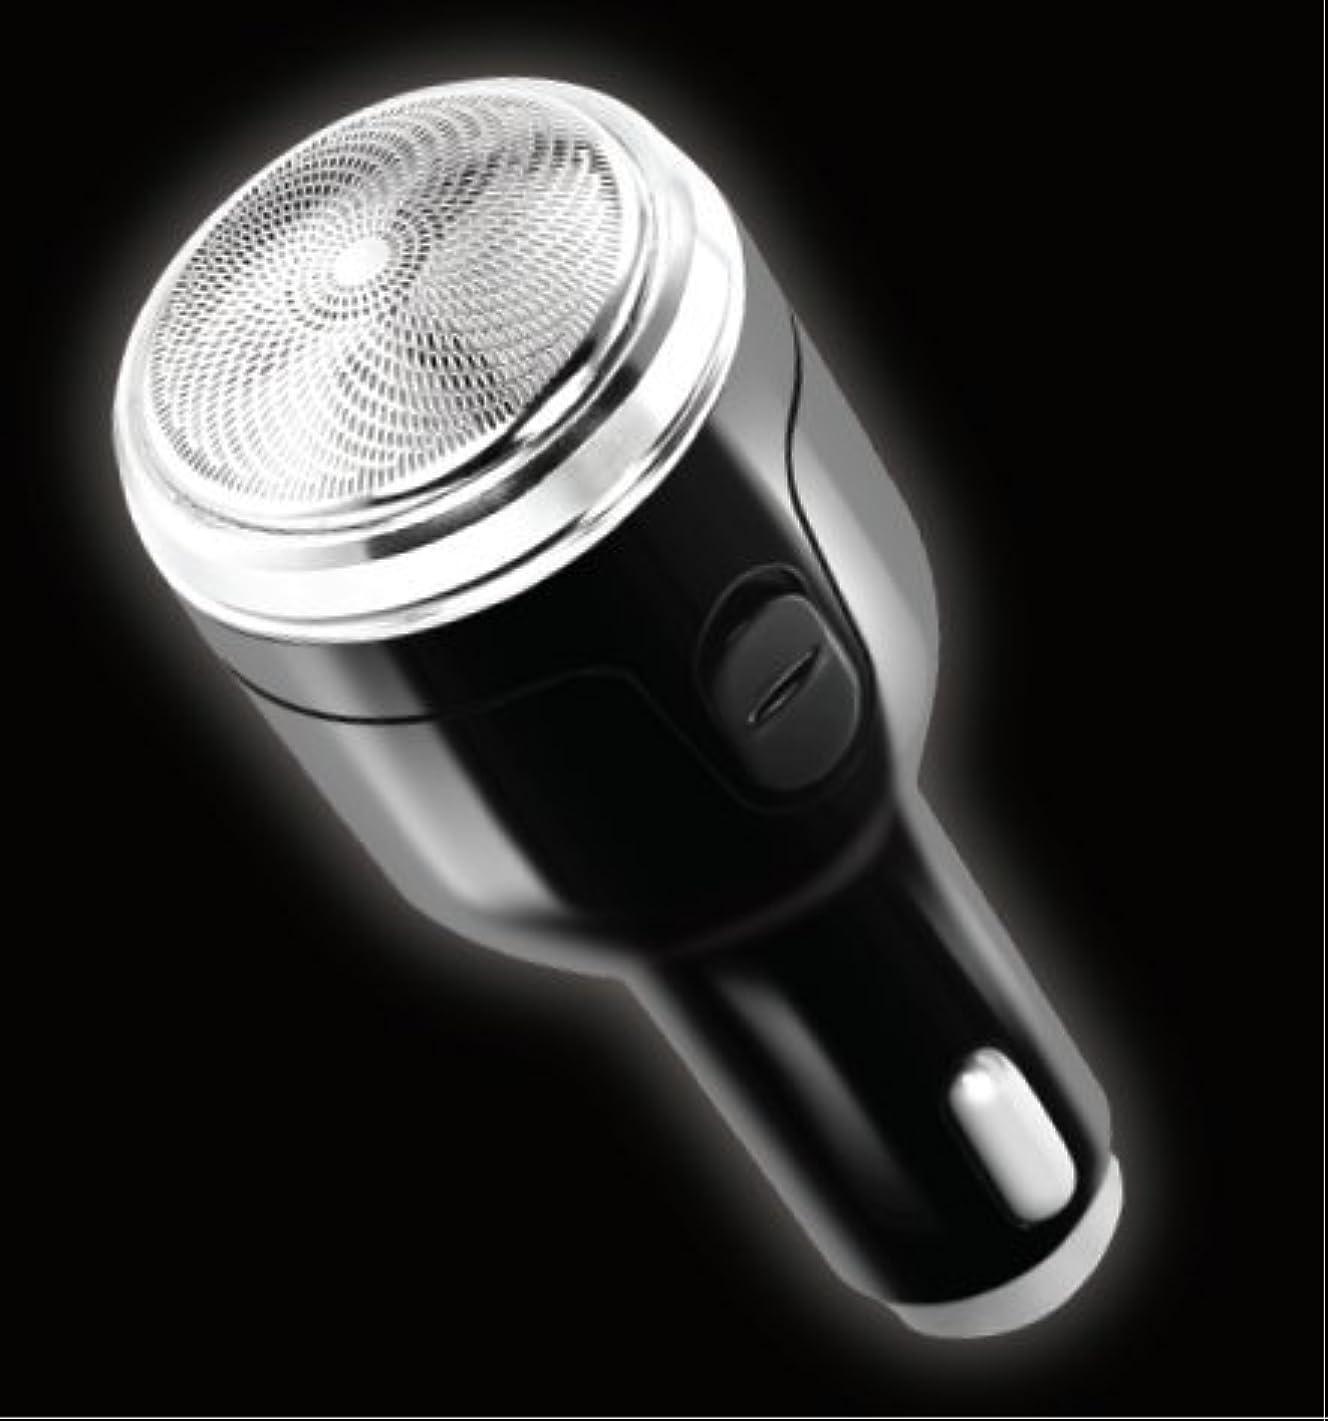 メトロポリタンエンゲージメント髭剃り 電気シェーバー 車載用 マルチシェーバー ROOMMATE 12V/24V車対応 EB-RM42H